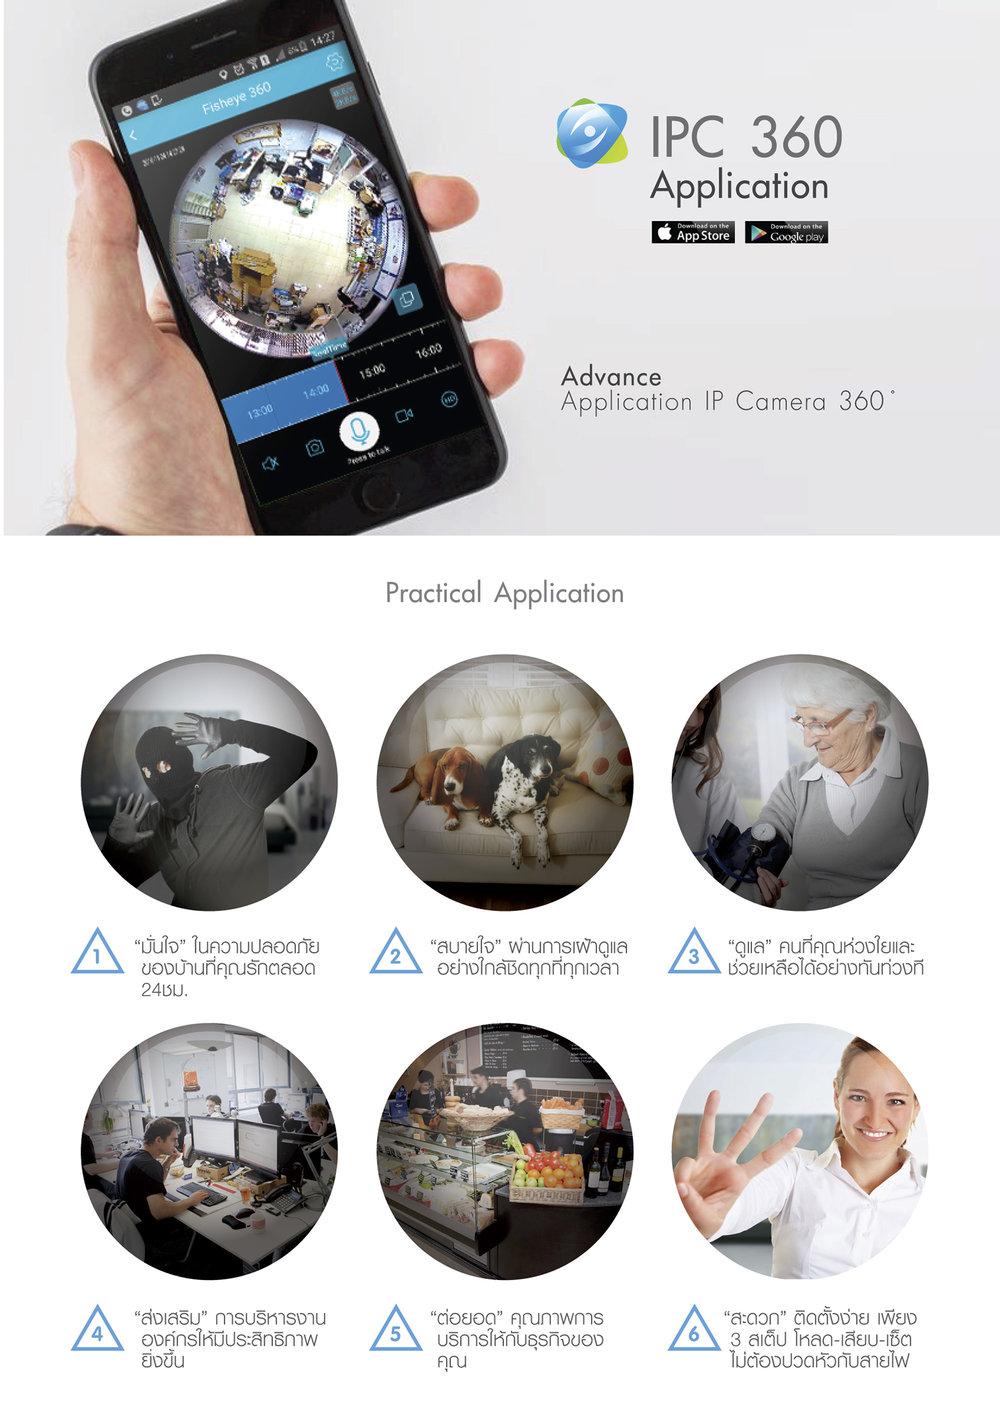 ABT smart pano360, fisheye, panorama กล้องพาโนรามา360องศา, กล้องกันขโมย, กล้องไวไฟ, กล้องวงจรปิดราคาถูก, สินค้าคุณภาพ, ABT, ABT SMART, CCTV, IP CAMERA, panarama 360 degree